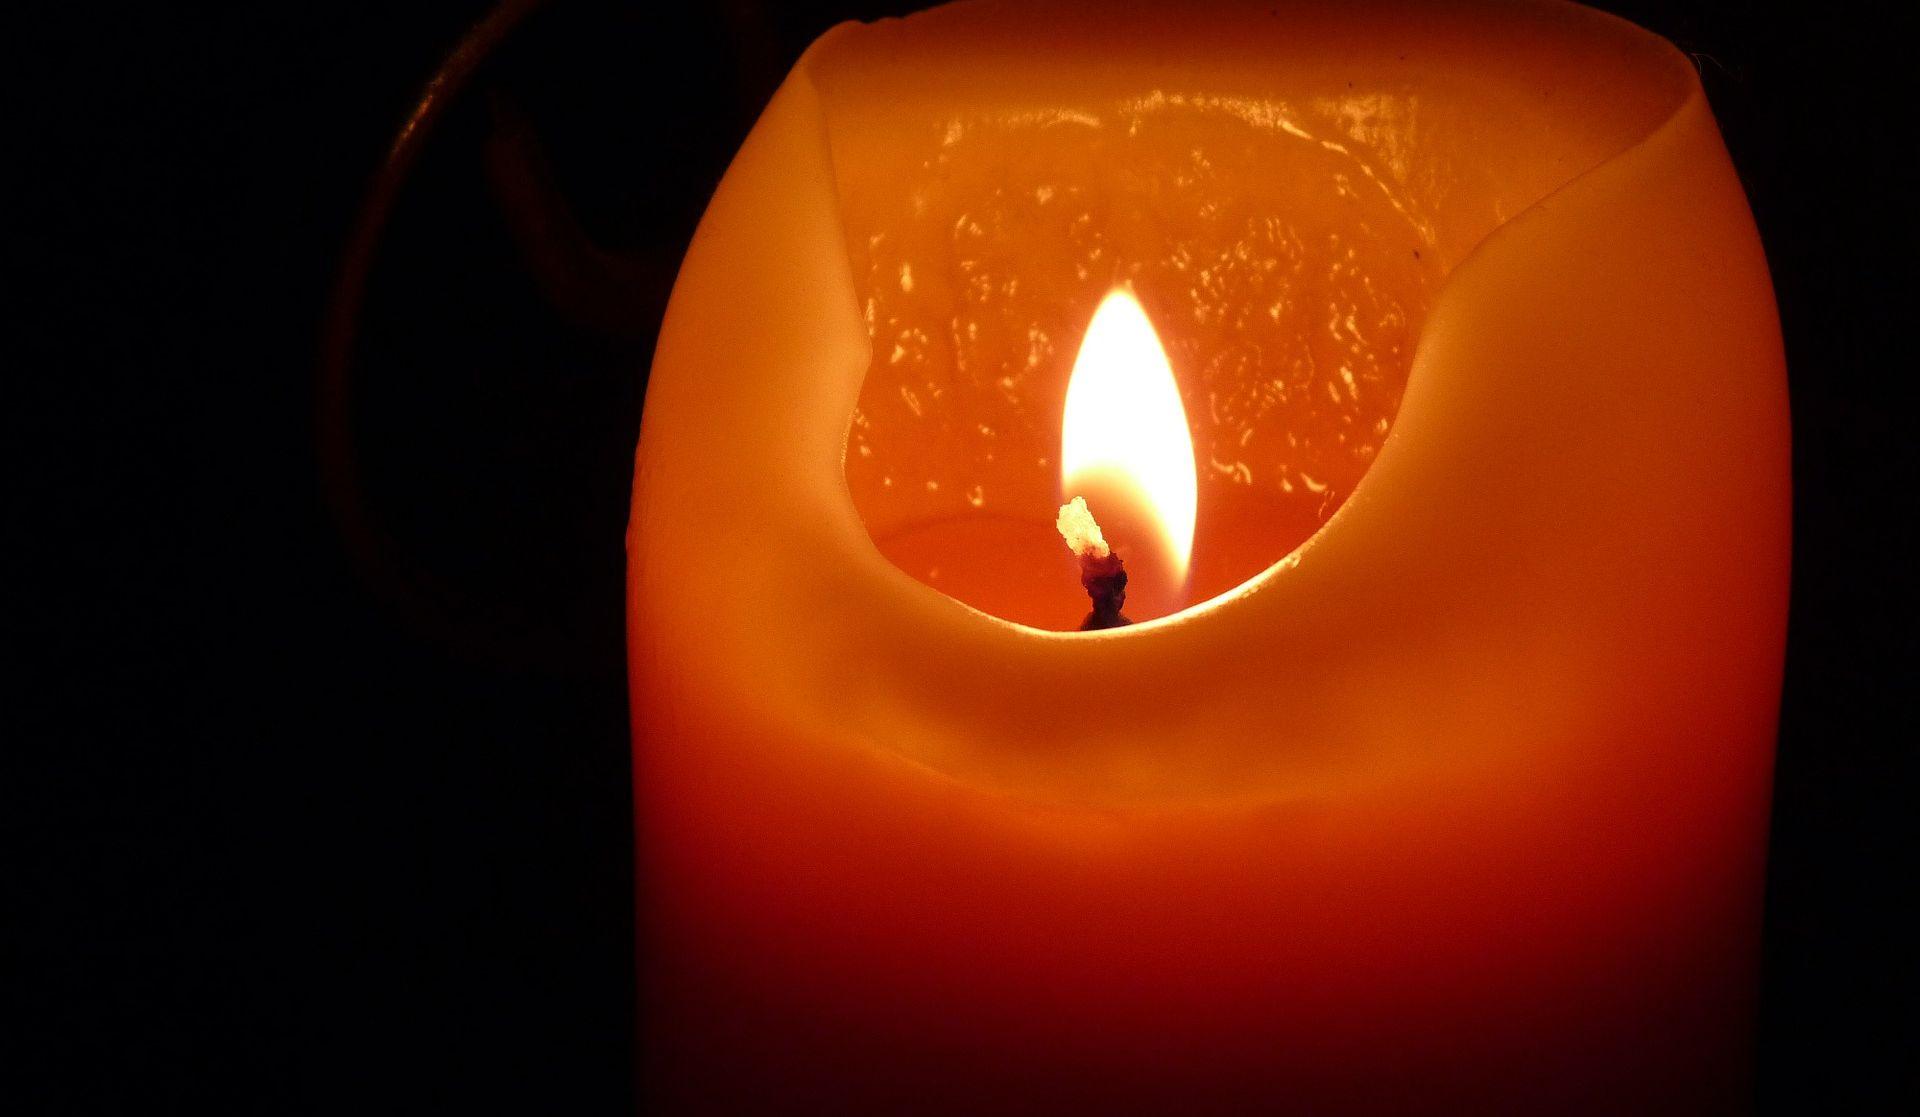 ZAPREŠIĆ Građani paljenjem svijeća prosvjedovali zbog tragične smrti mladića